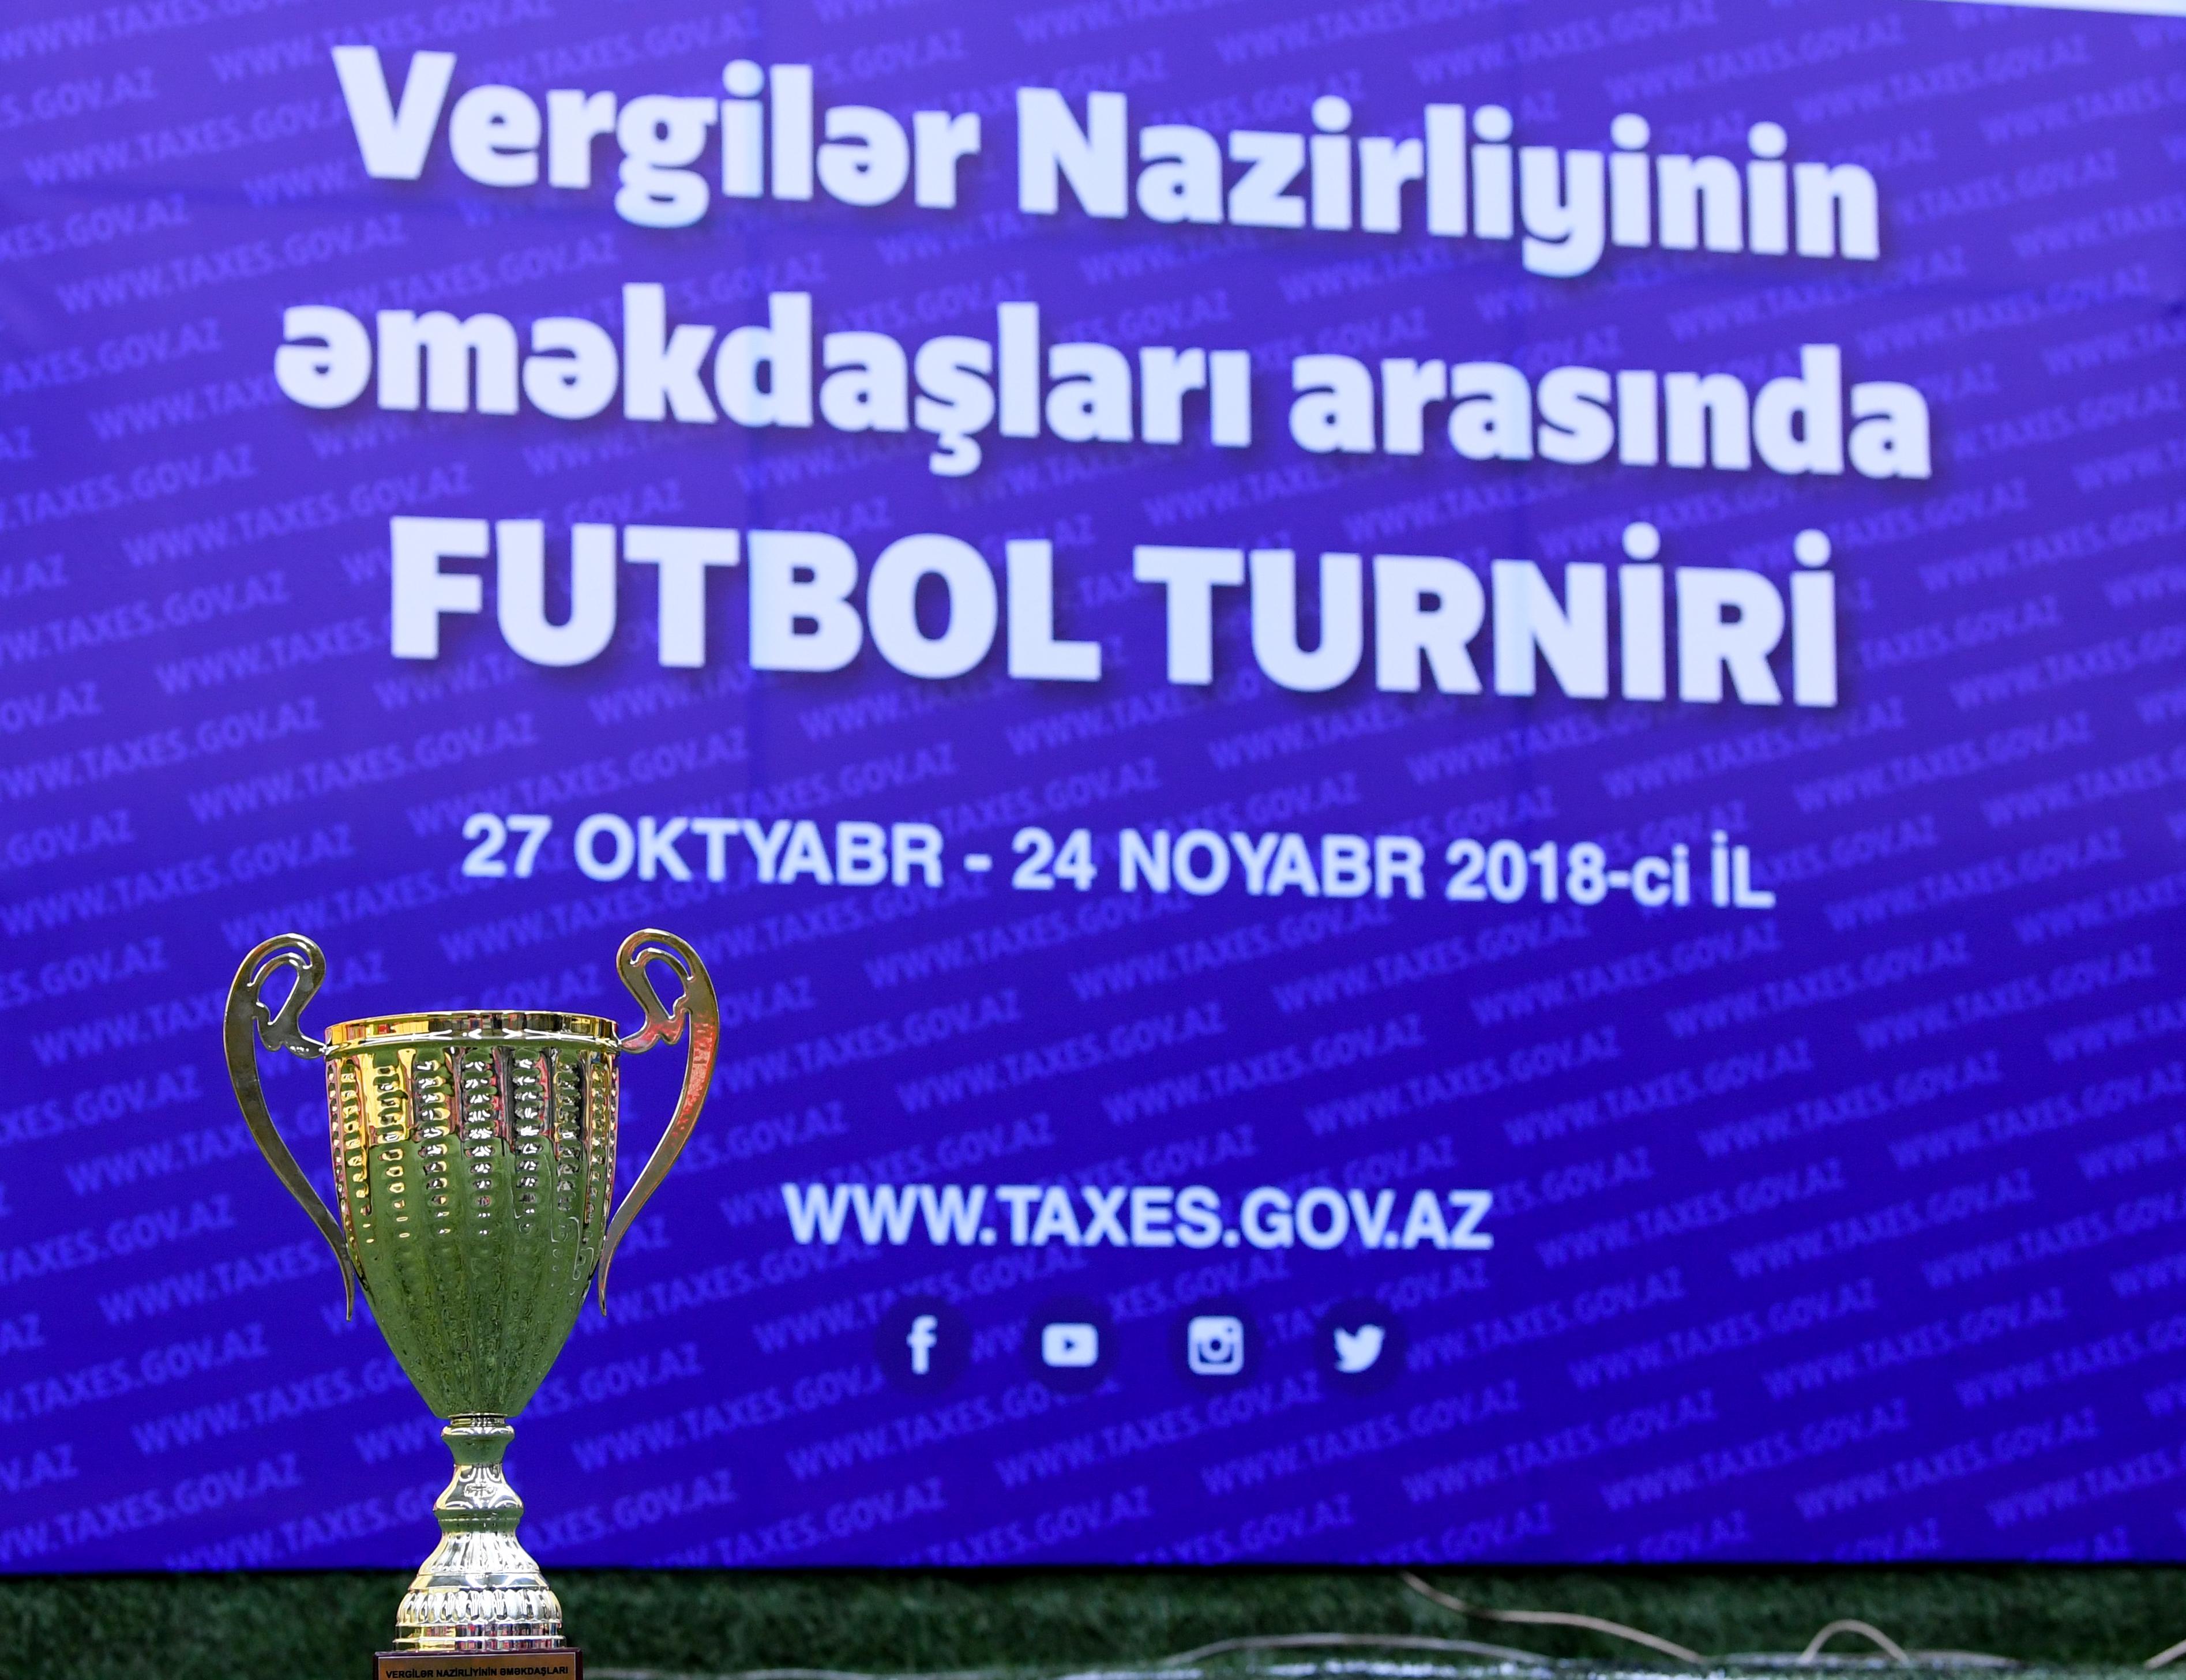 Vergi Orqani əməkdaslari Arasinda Kecirilən Futbol Turniri Basa Catib